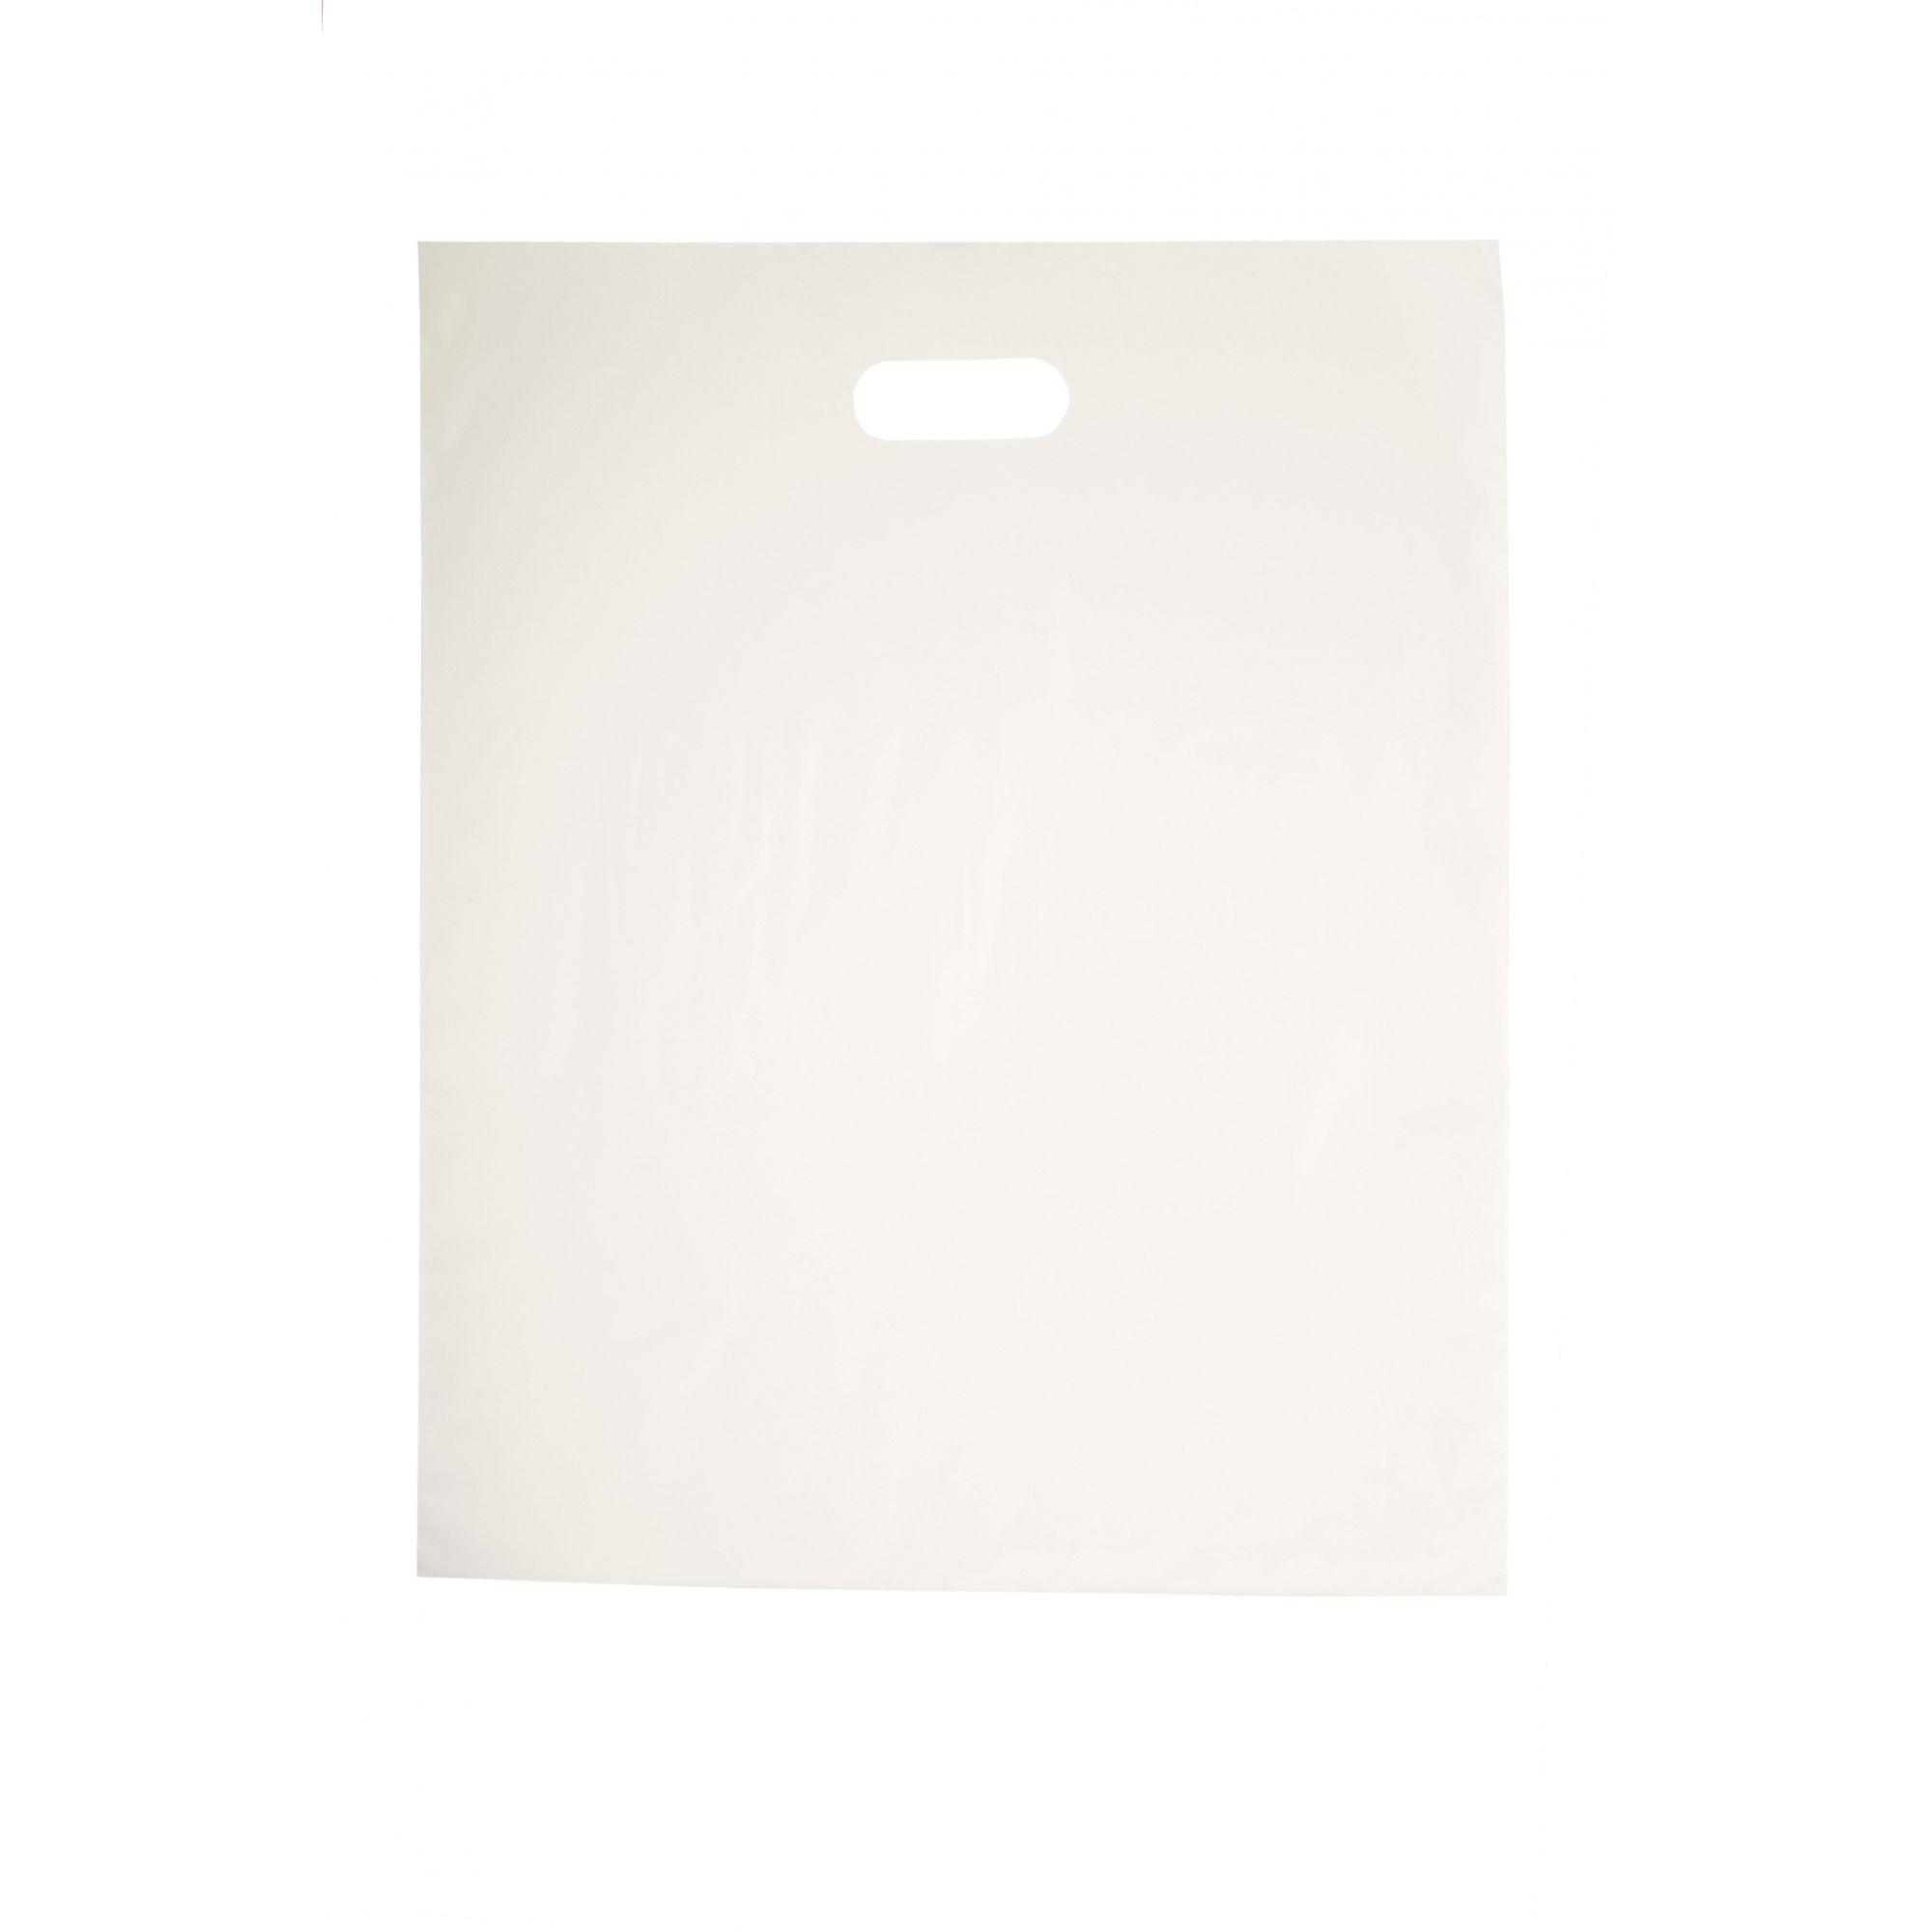 Sacola Plástica 40x56 Branca - Alça Boca de Palhaço